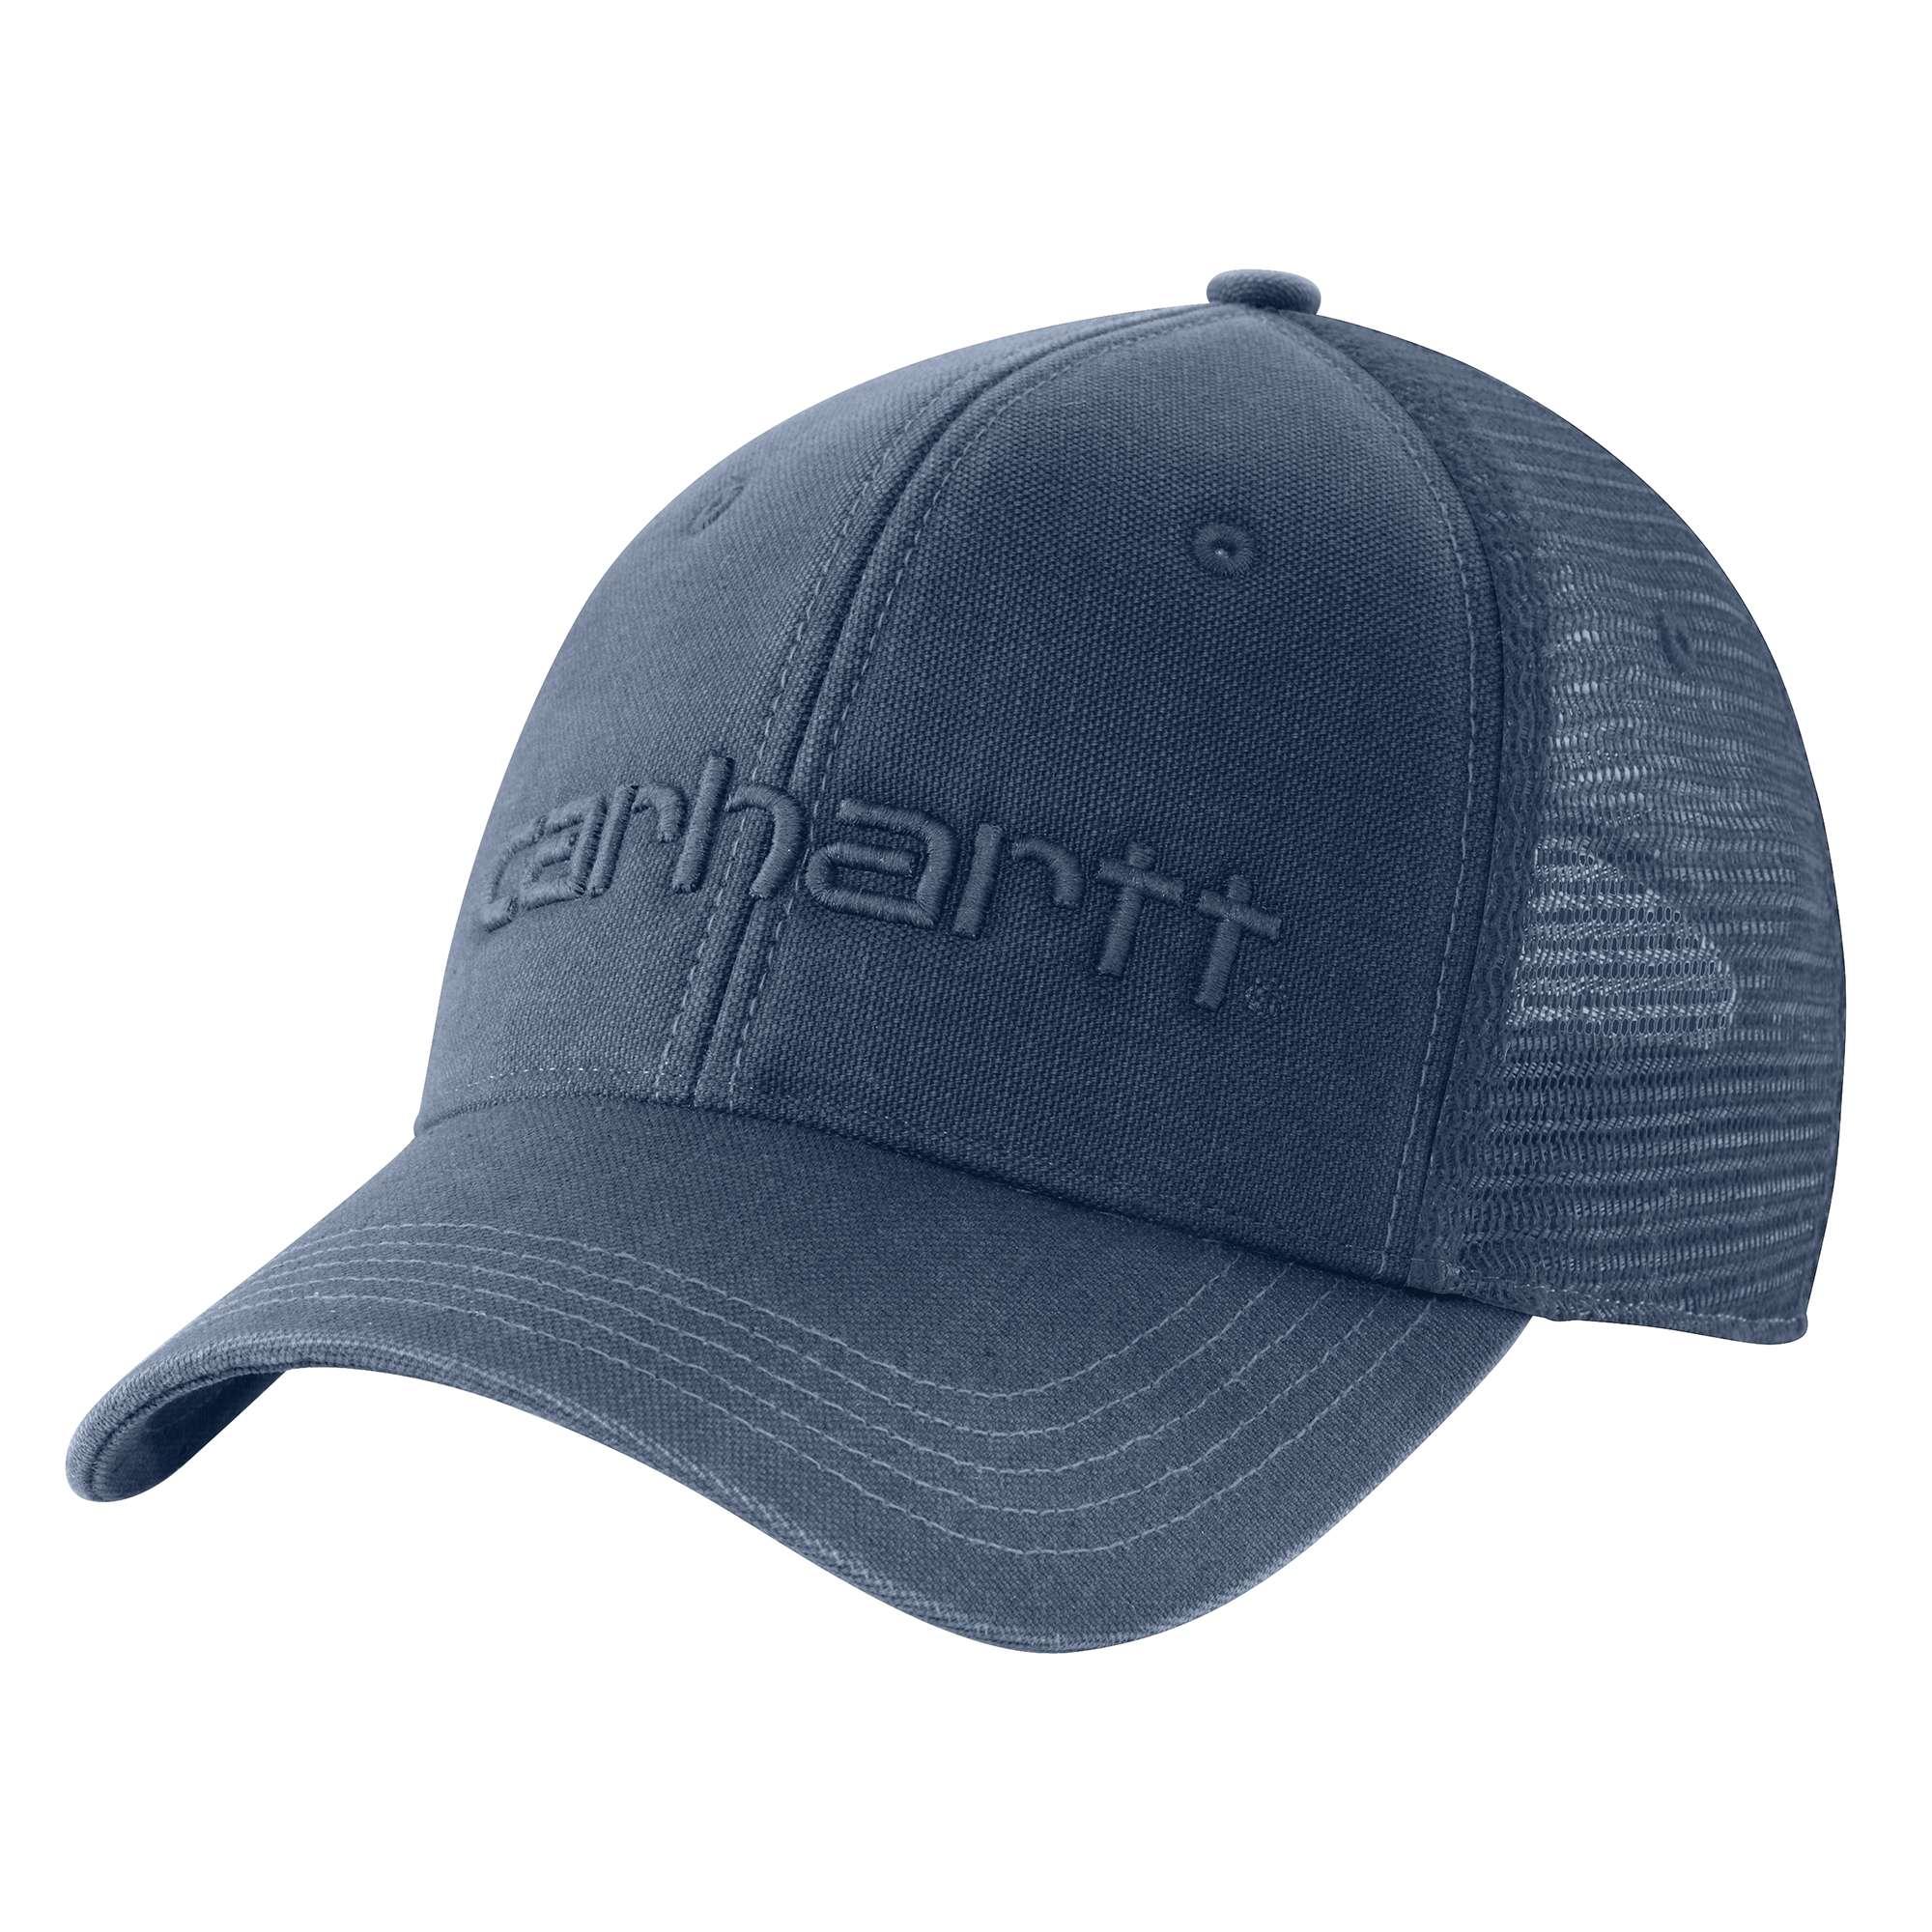 Dunmore Cap, Dark Blue, Midnight, swatch